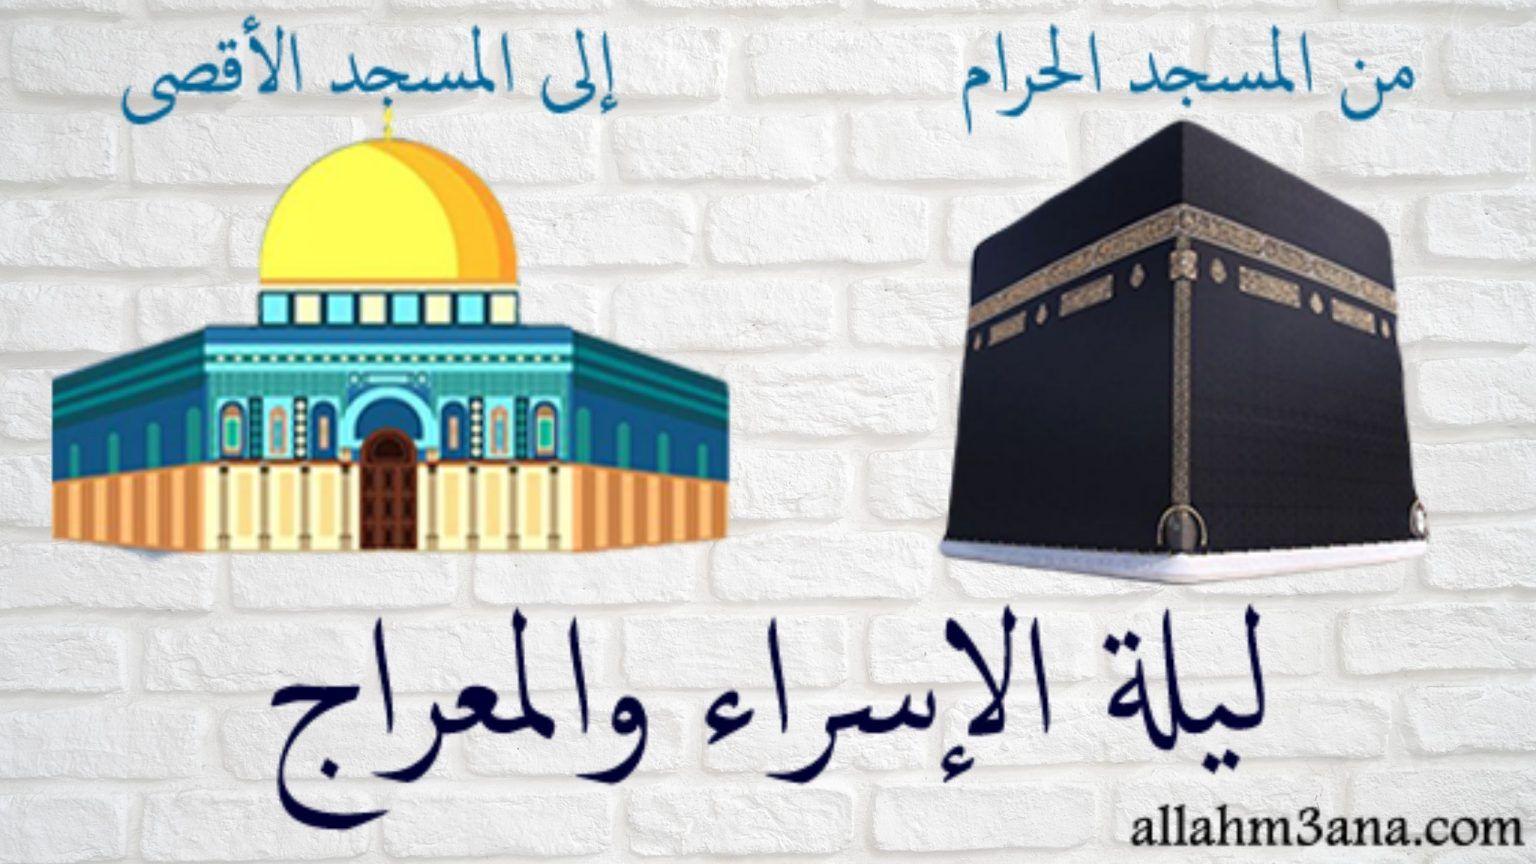 الإسراء والمعراج ماذا يستفيد المسلم في حياته من حادثة الإسراء والمعراج الله معنا Allahm3ana In 2020